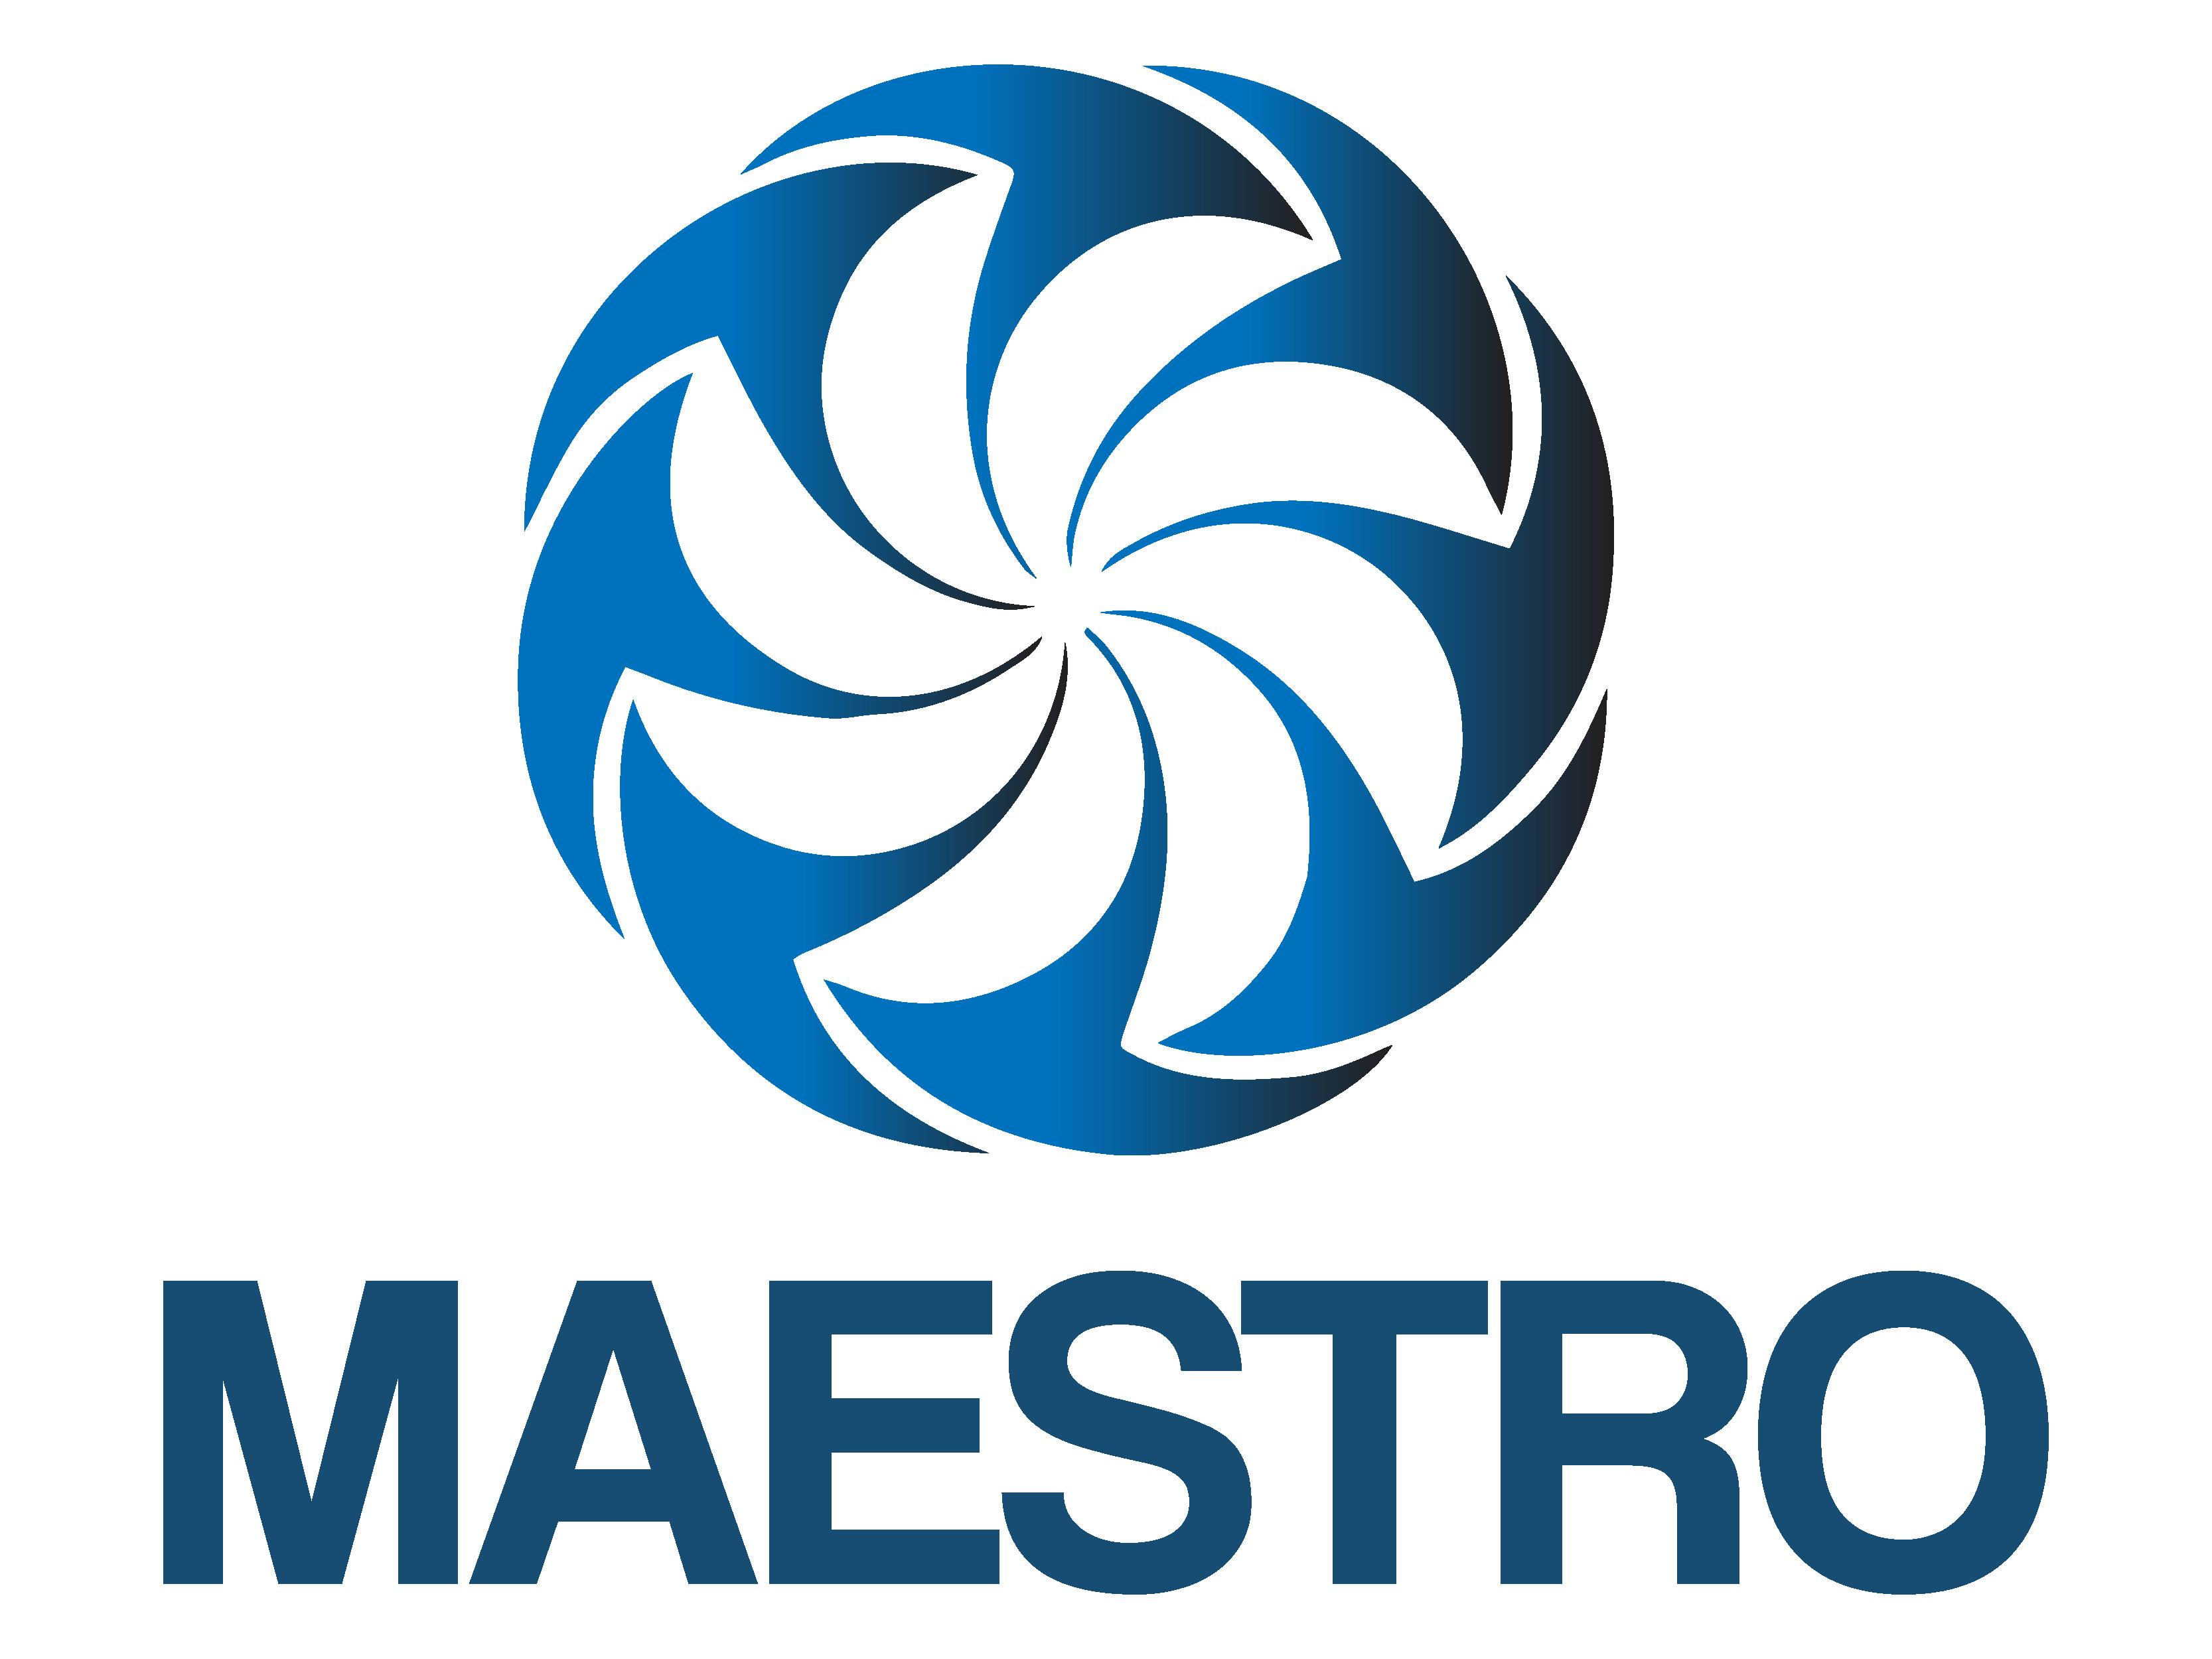 Maestro 23 SEER logo